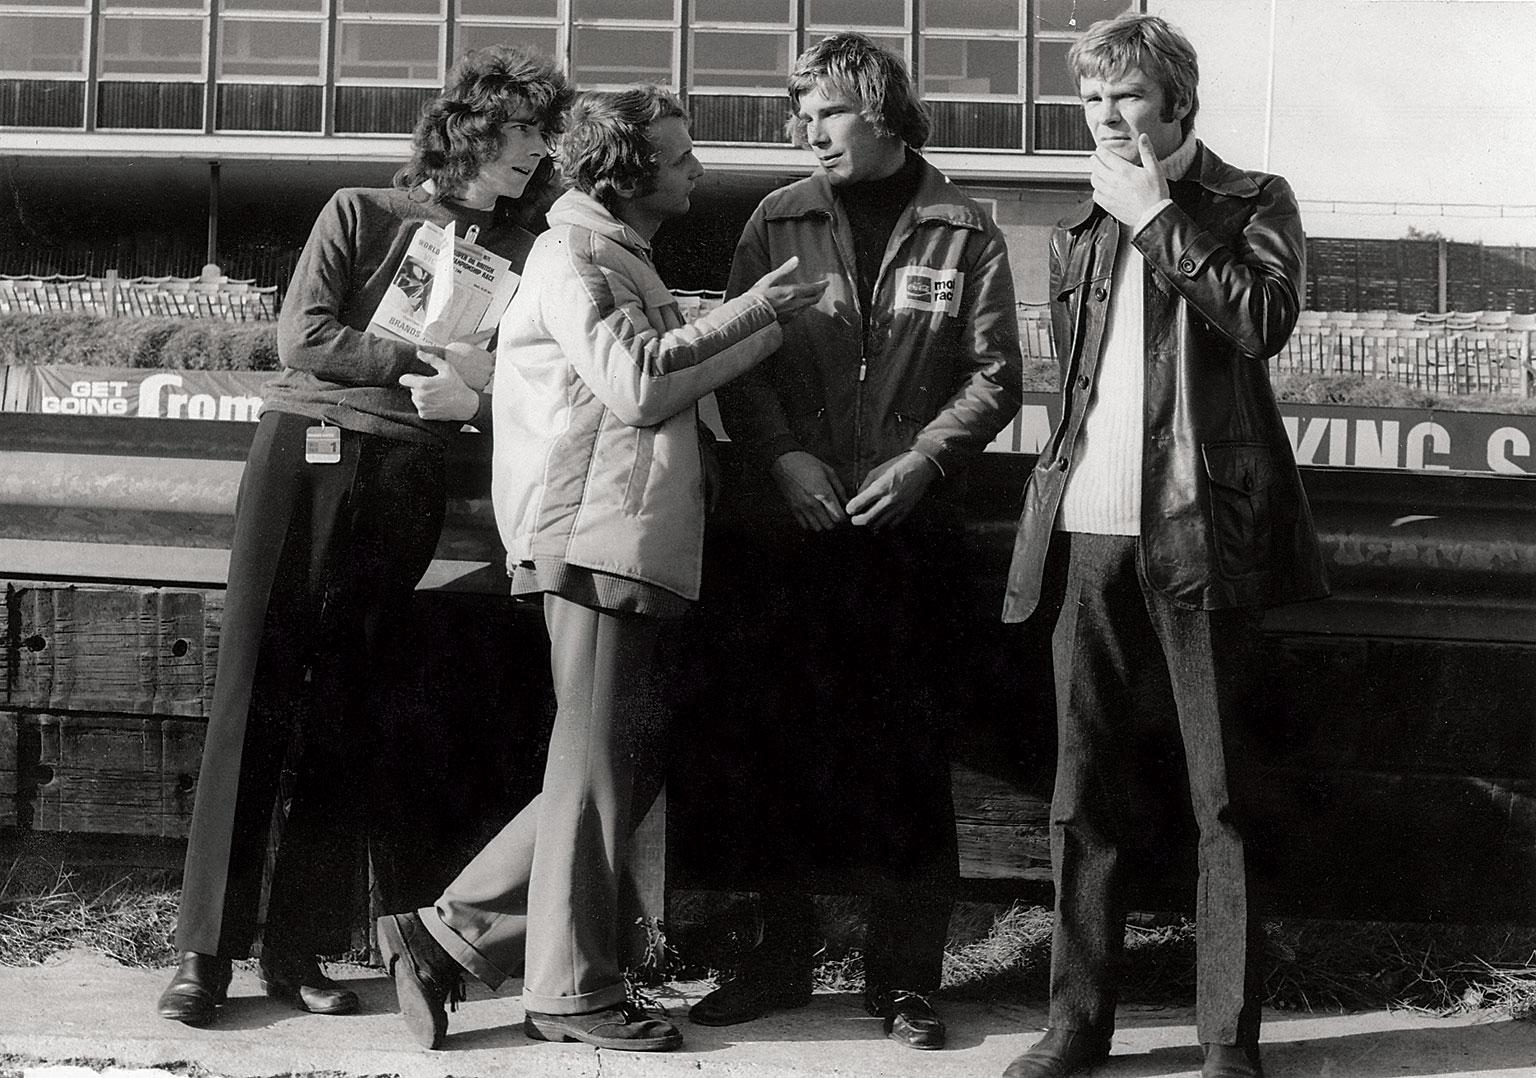 1971IanPMaxHuntLauda